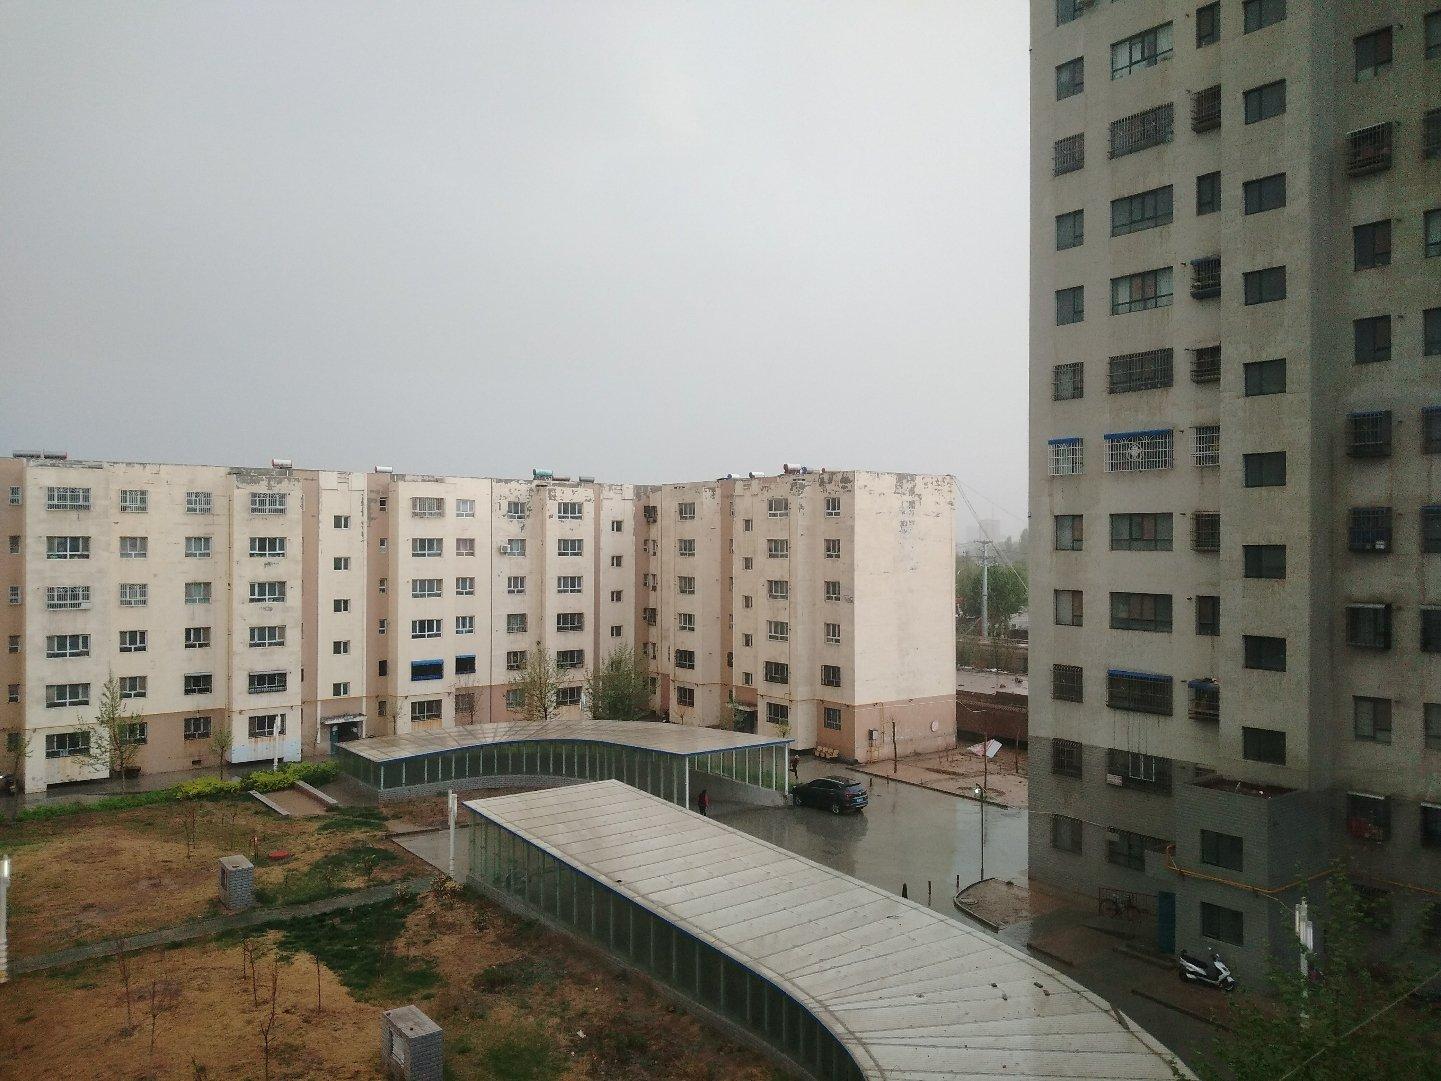 新疆维吾尔自治区阿克苏地区阿克苏市上海路靠近方正花园天气预报